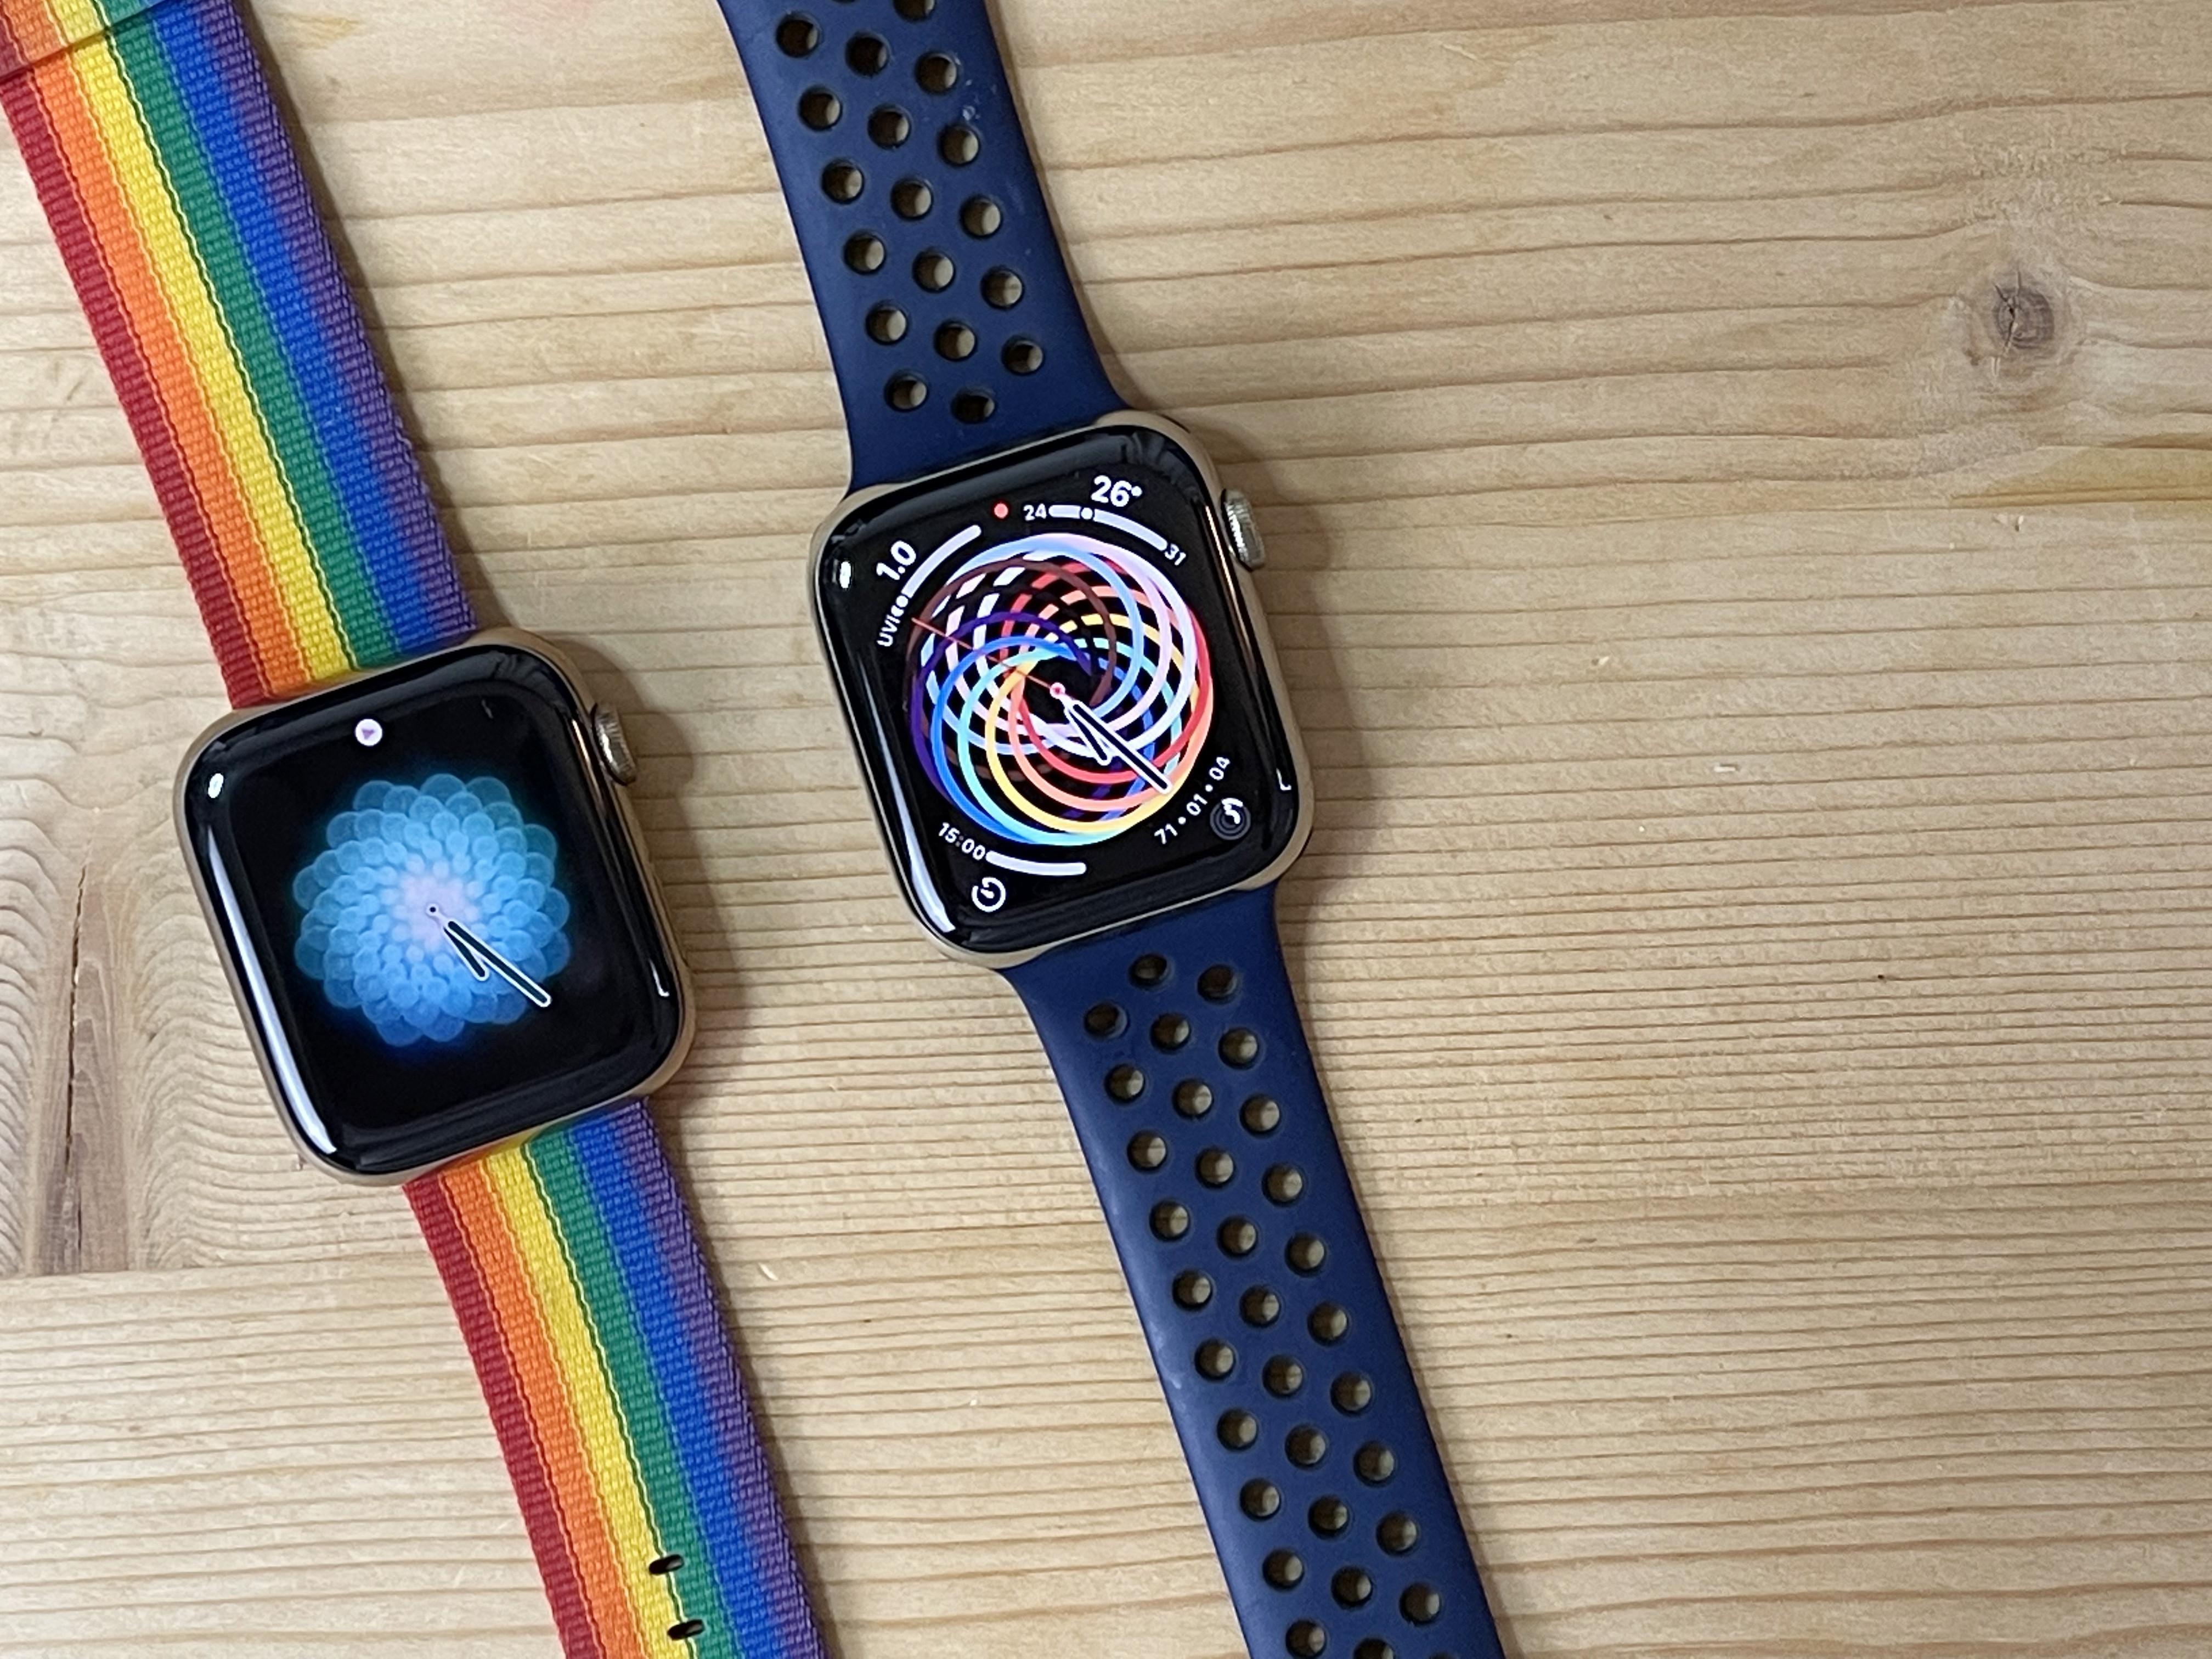 ▲蘋果WatchOS 8新功能體驗與介紹  。(圖/記者洪聖壹攝)